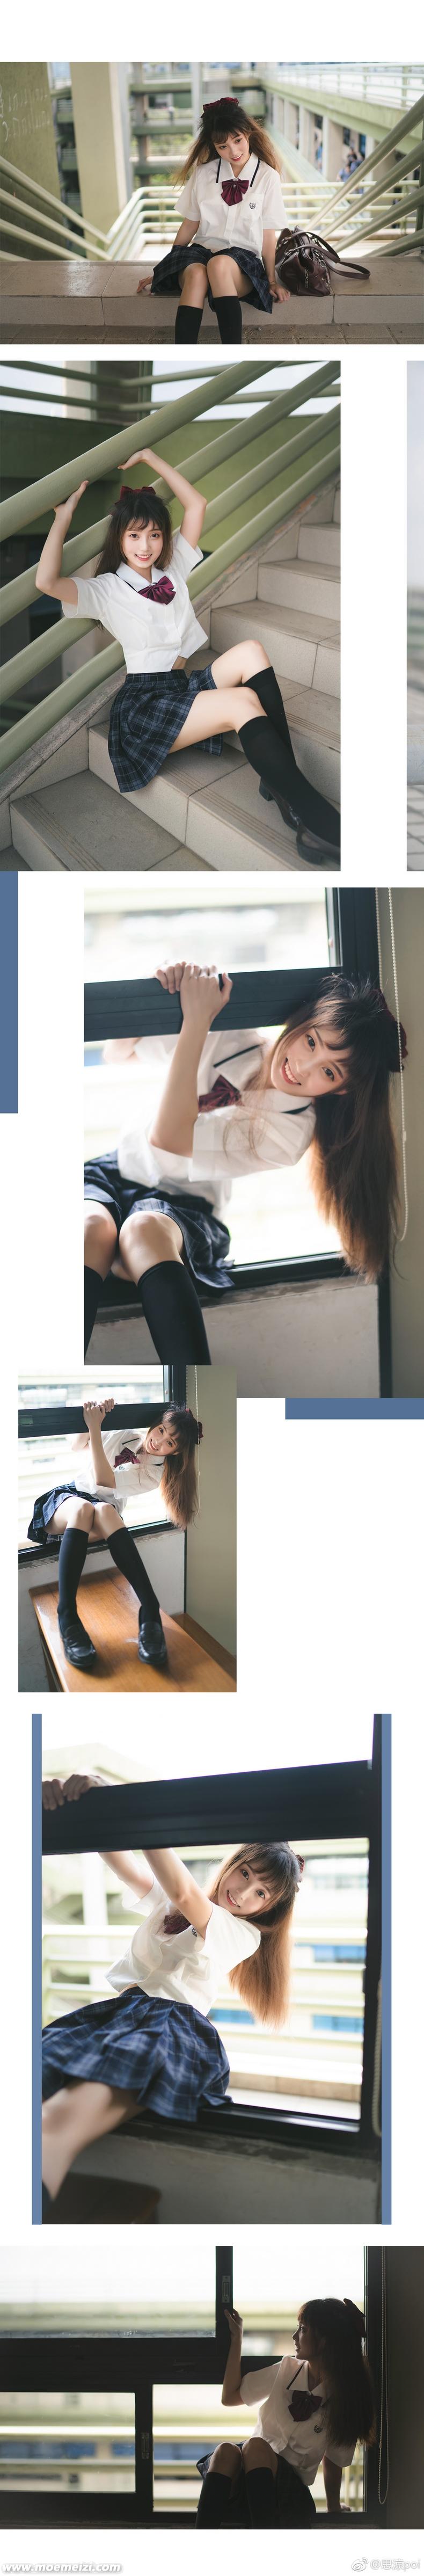 清纯的夏日JK制服少女@思涼poi(9P)